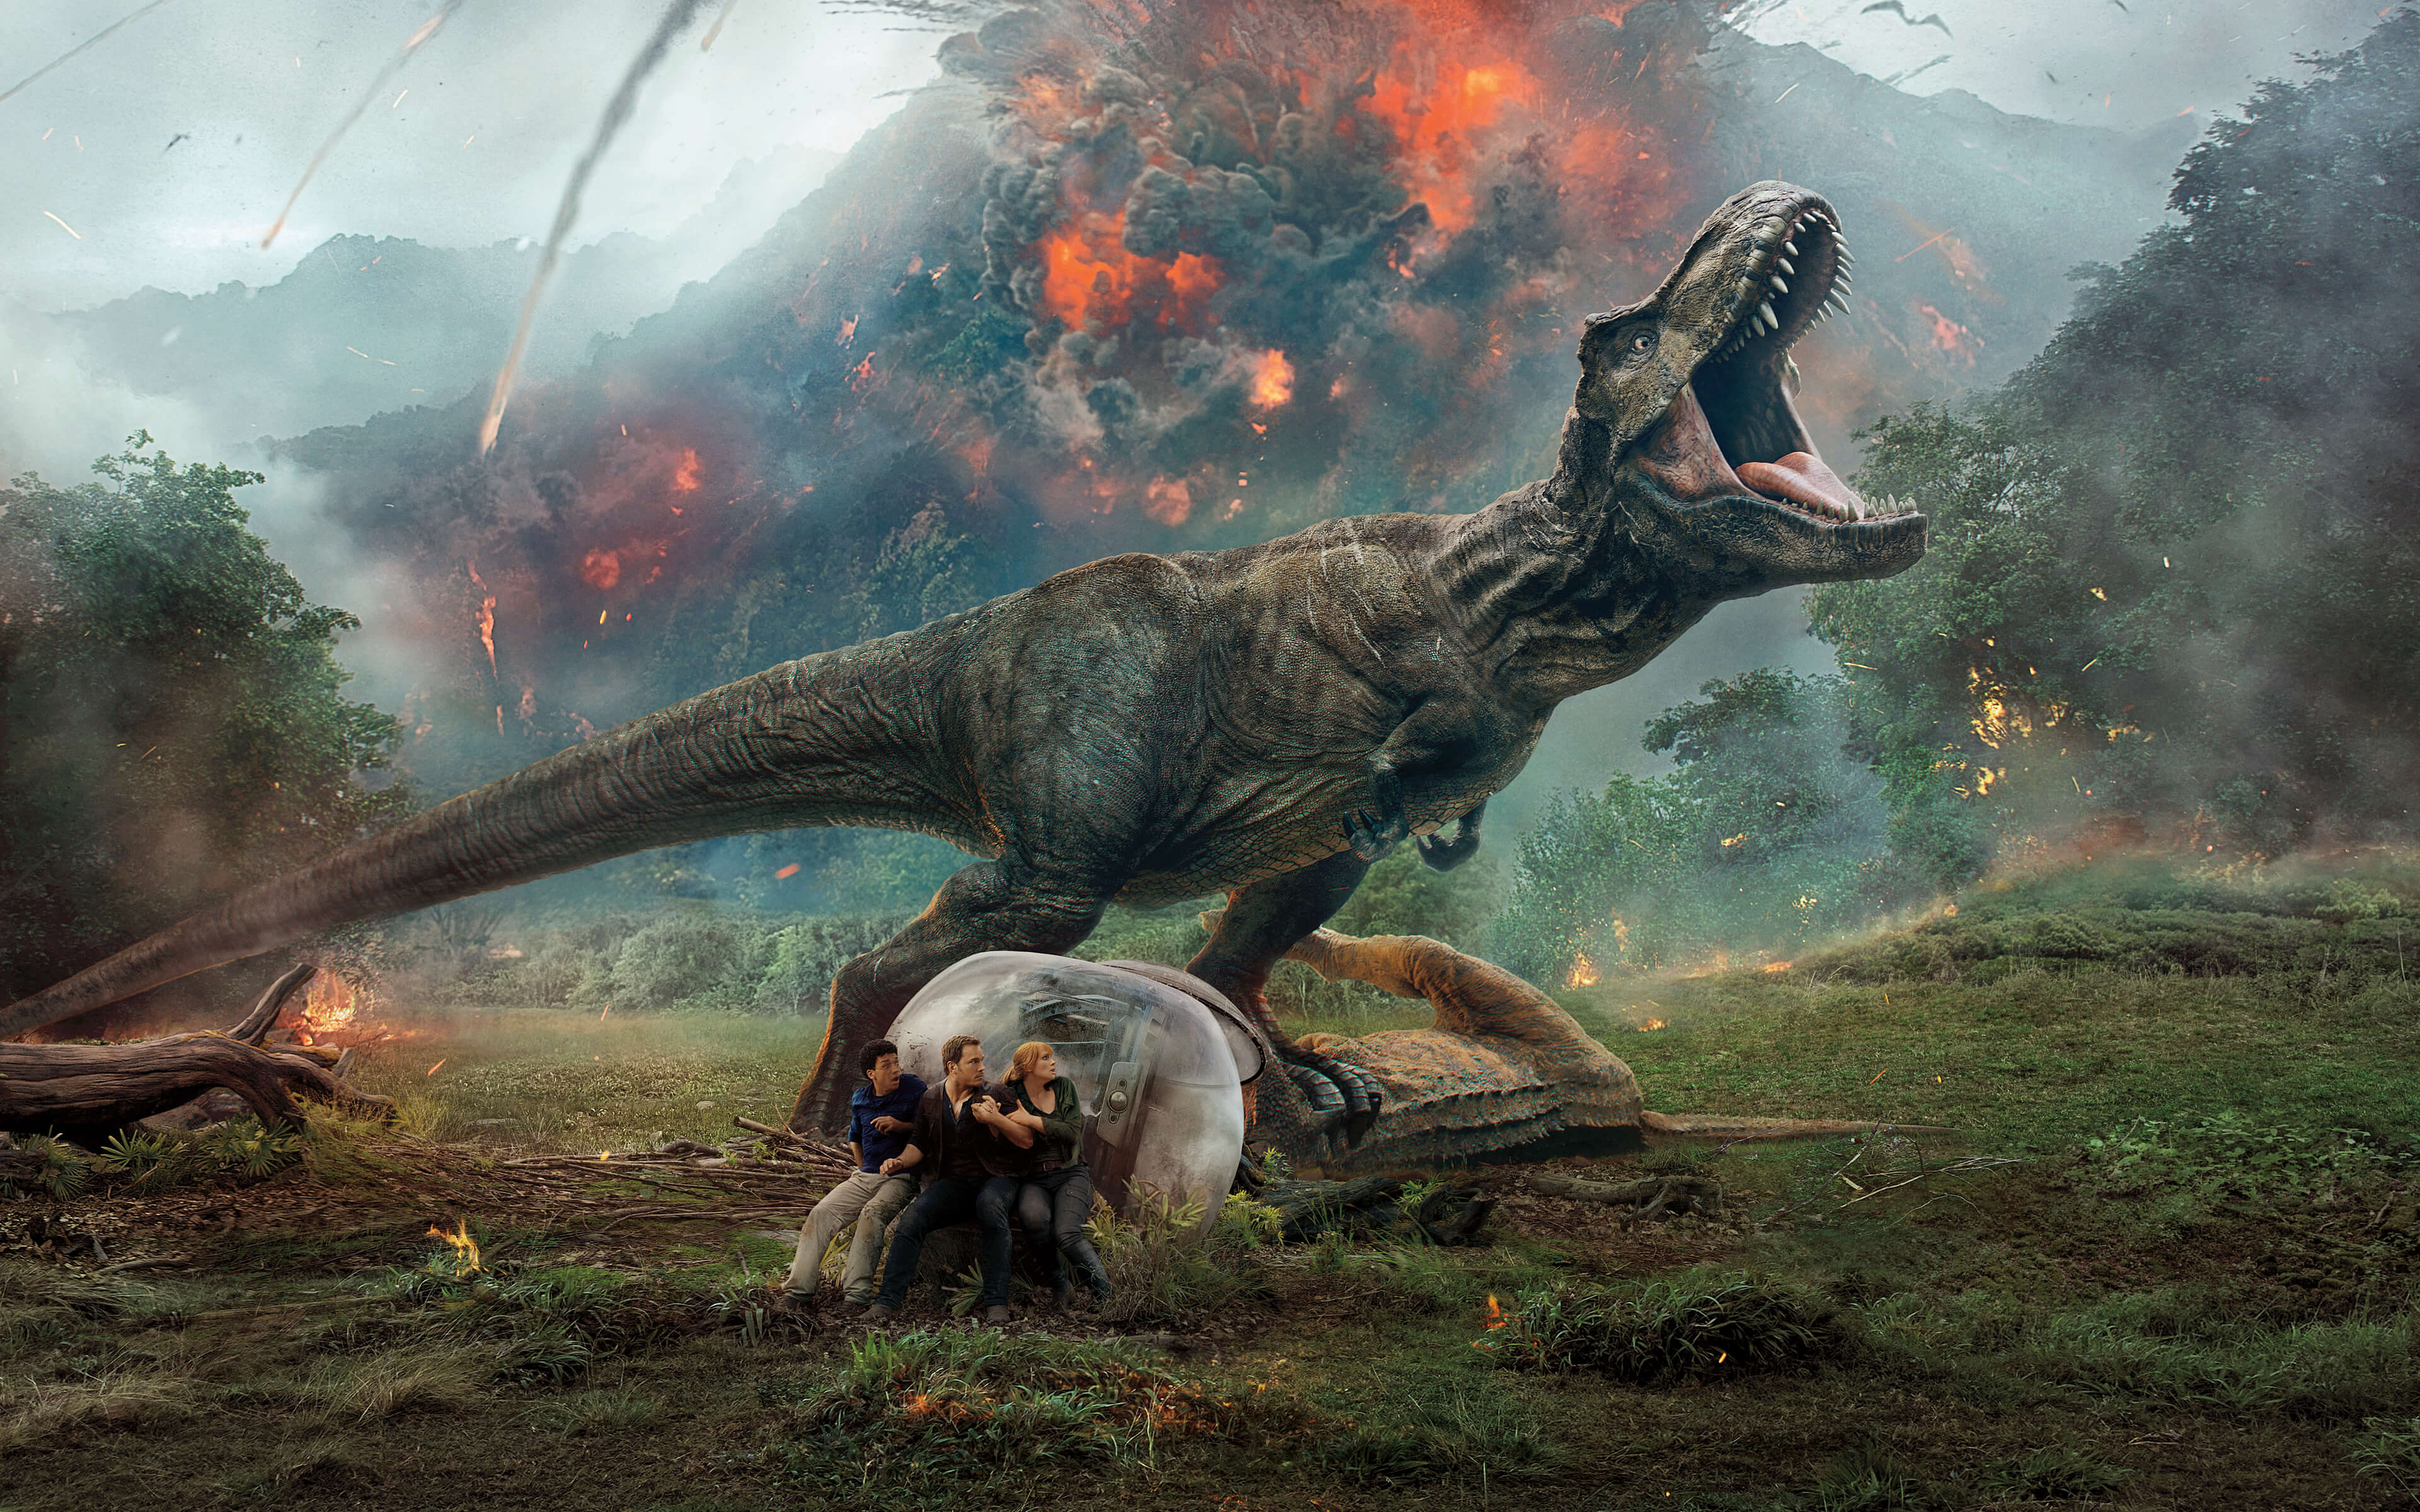 Jurassic World: Fallen Kingdom anmeldelse